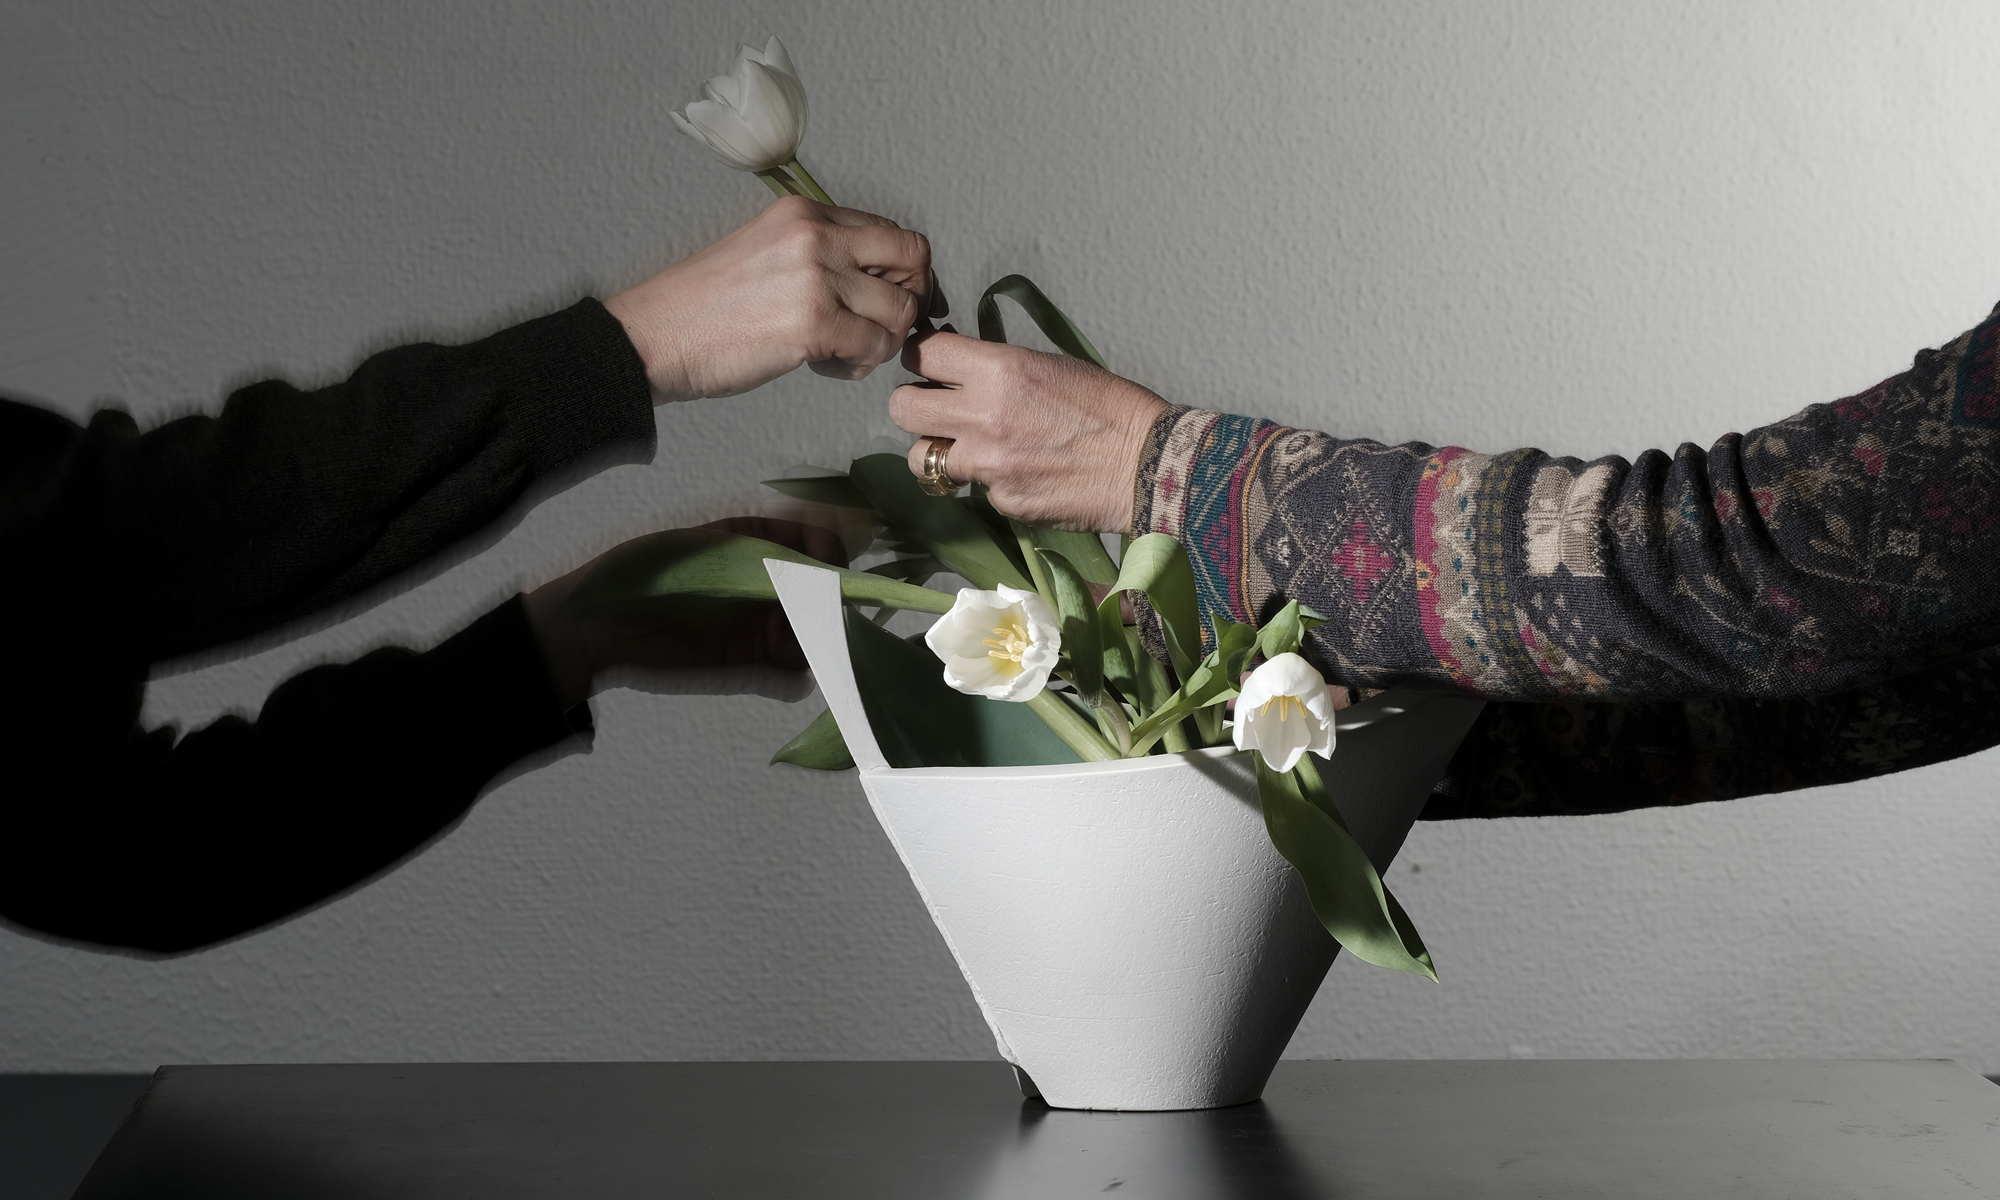 Nele Zander Keramik - Töpferei - Vase vor weißer Wand